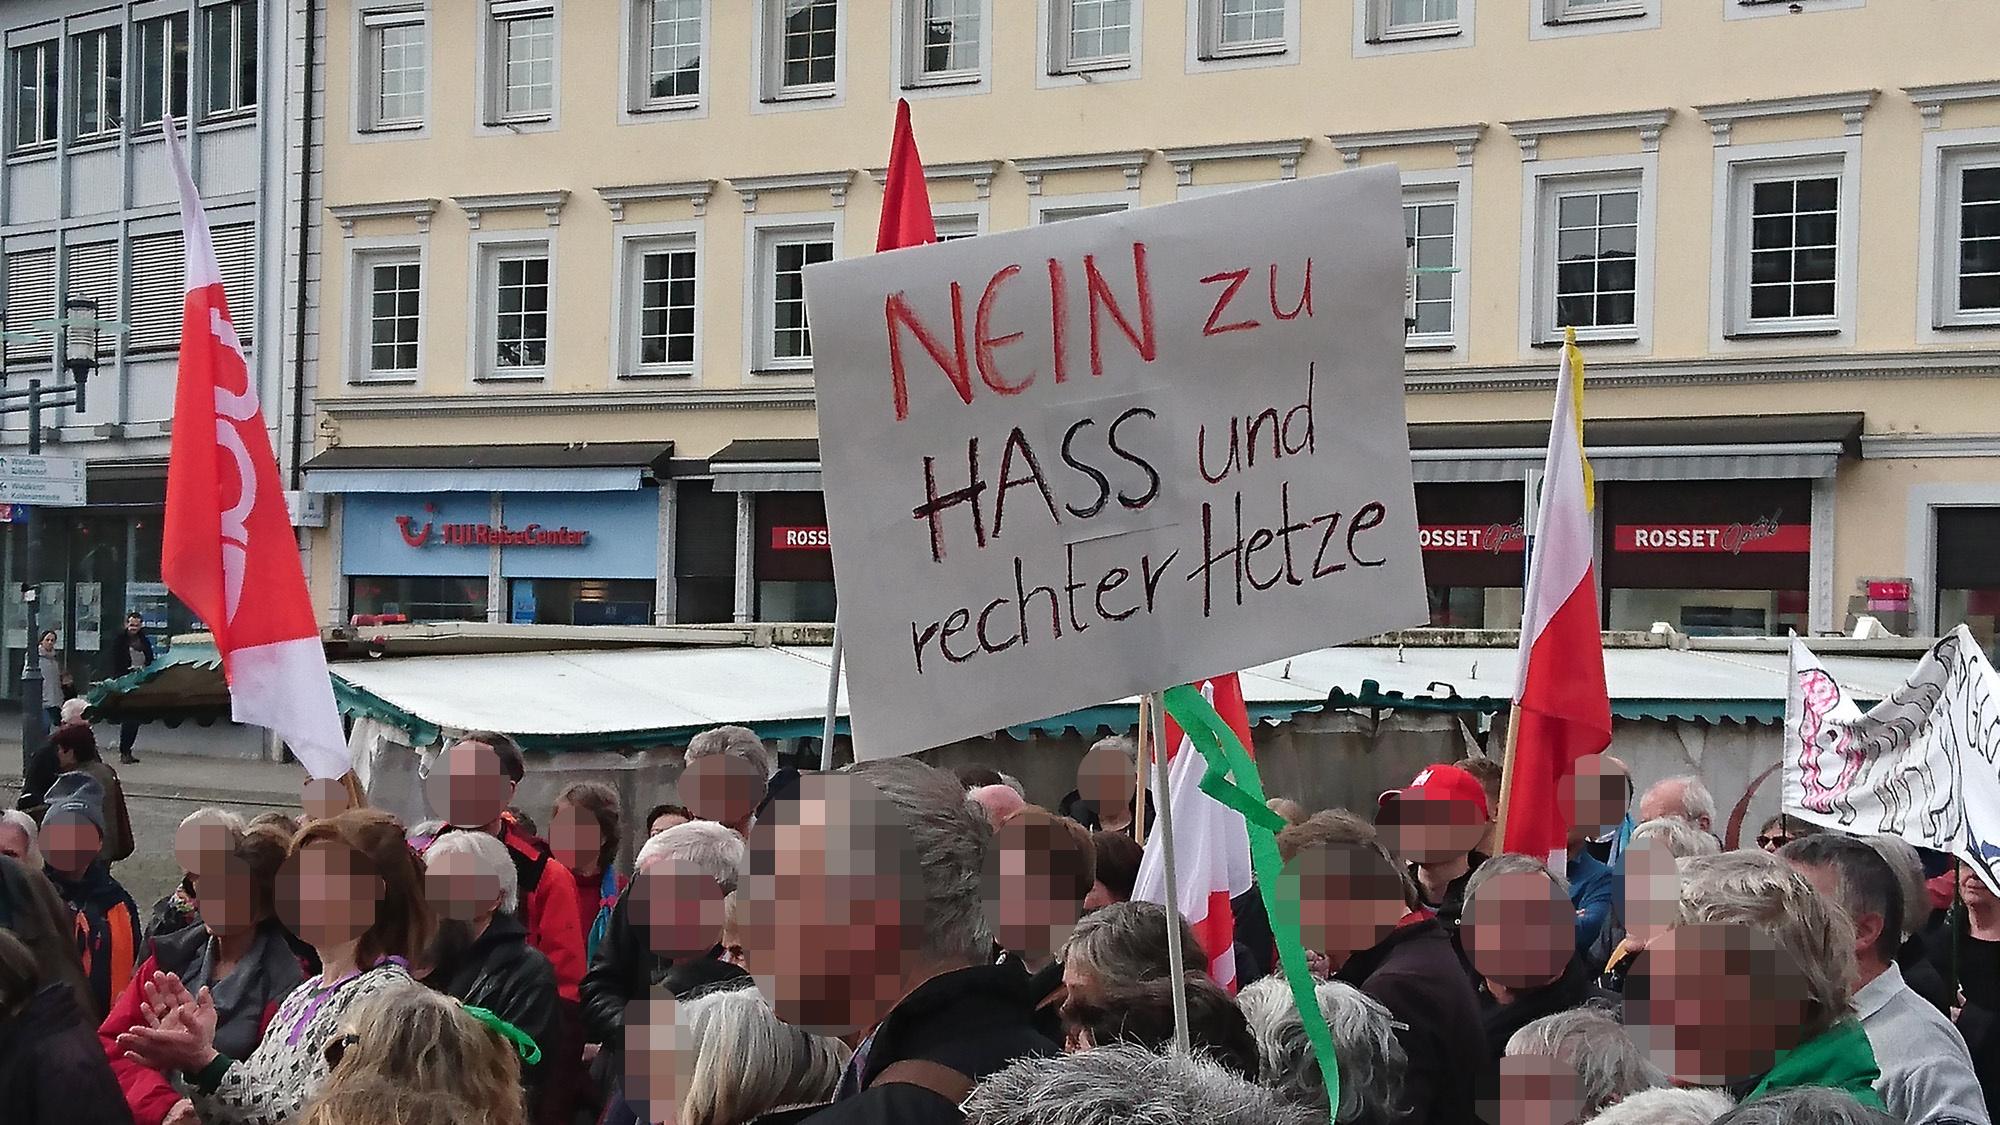 """Transparent mit der Aufschrift """"Nein zu Hass und rechter Hetze""""."""